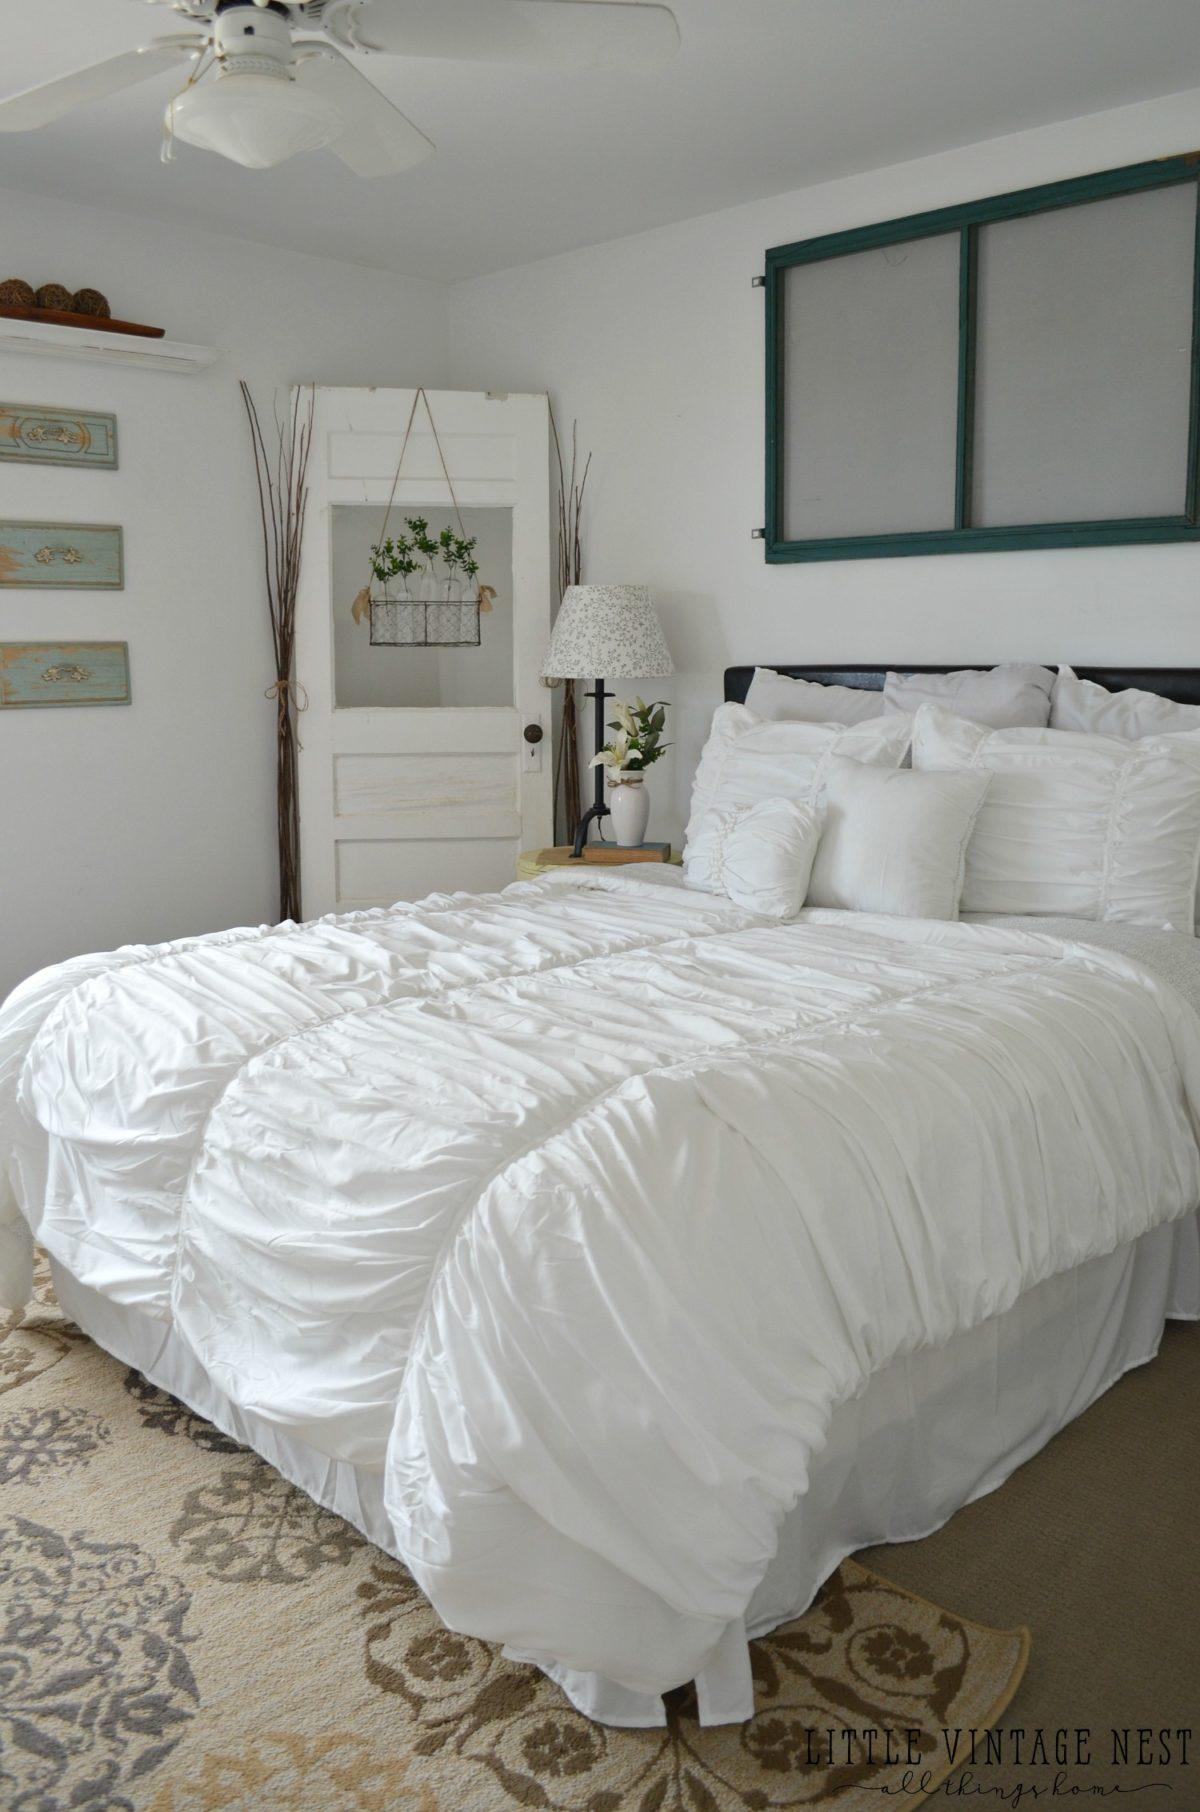 Vintage Inspired Guest Bedroom